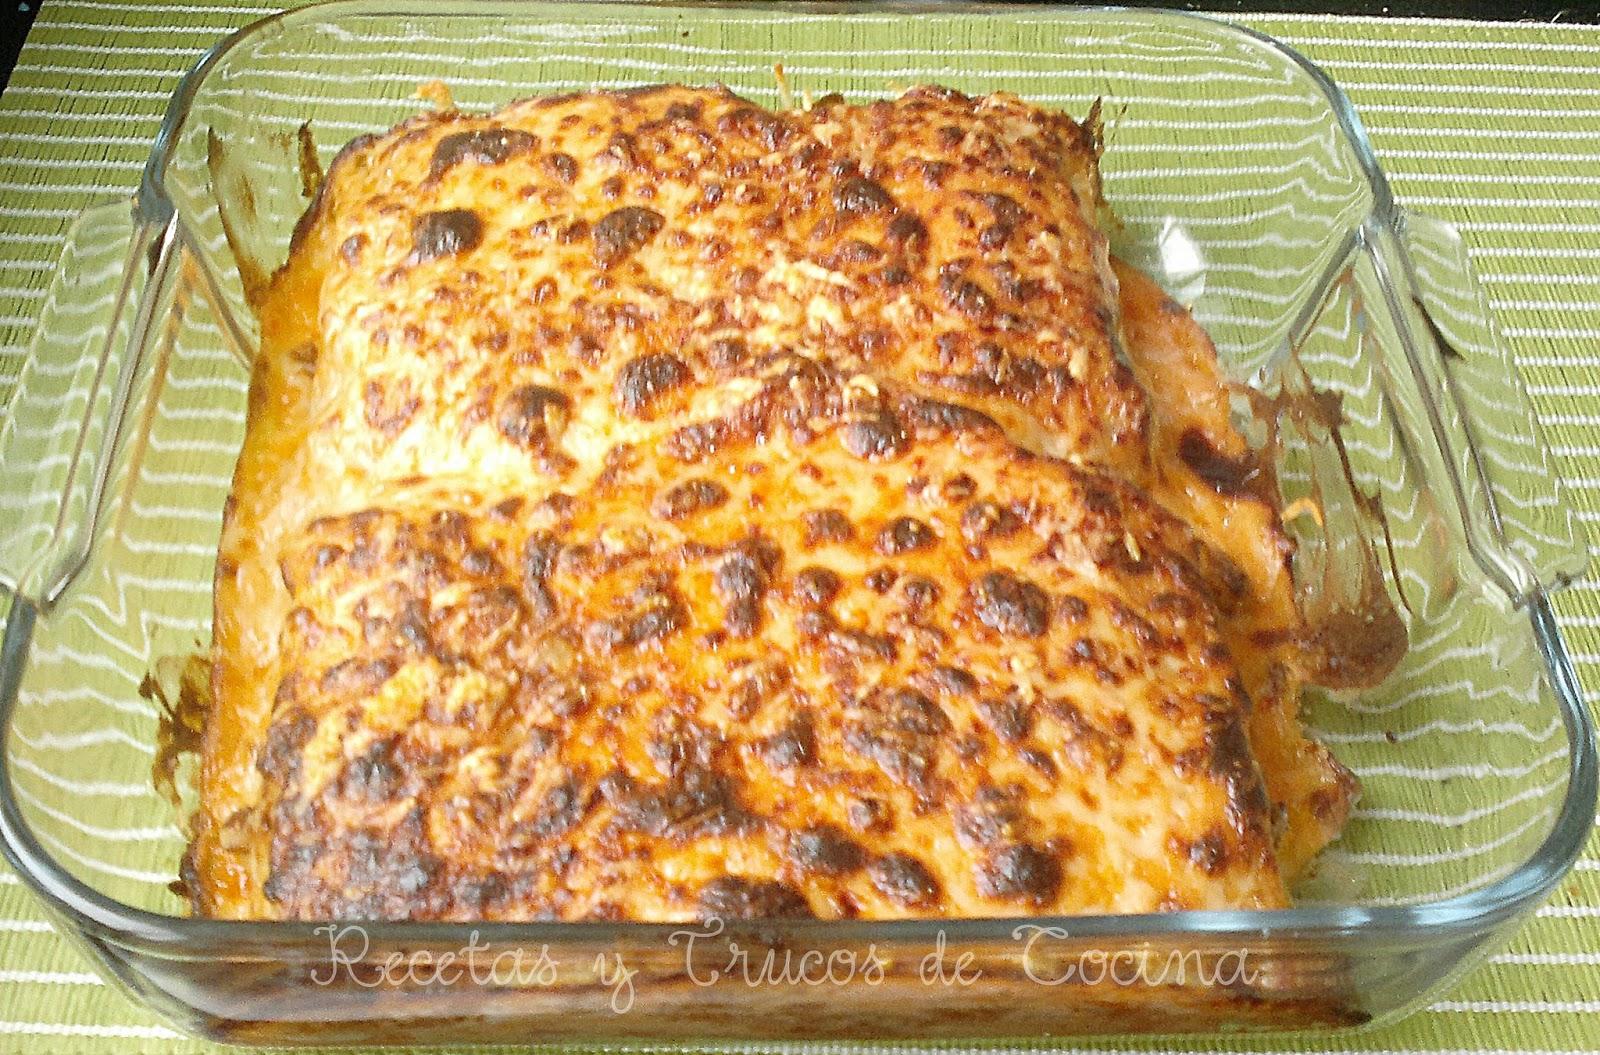 Recetas y trucos de cocina lasa a r pida de carne y salsa - Salsa de tomate y nata ...